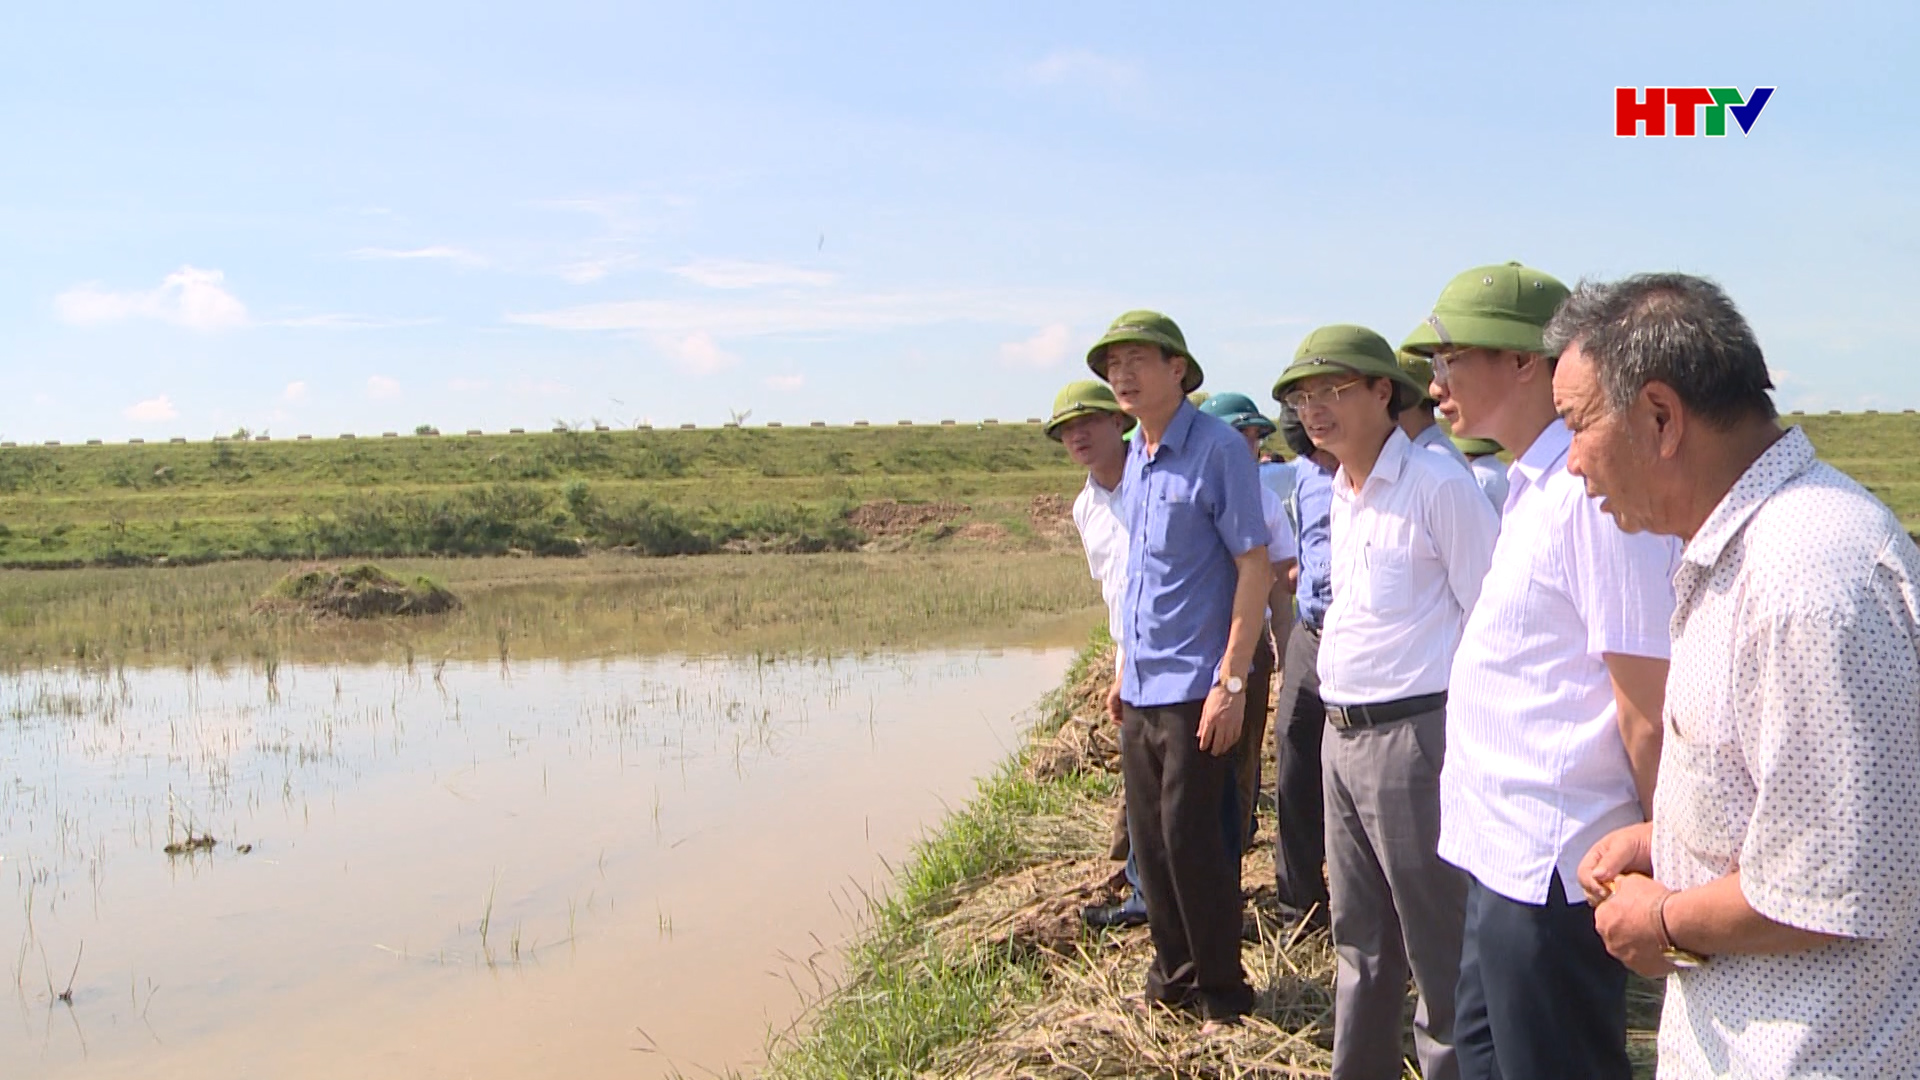 Đức Thọ hướng tới xây dựng thương hiệu gạo hữu cơ đặc sản trên ruộng rươi, cáy